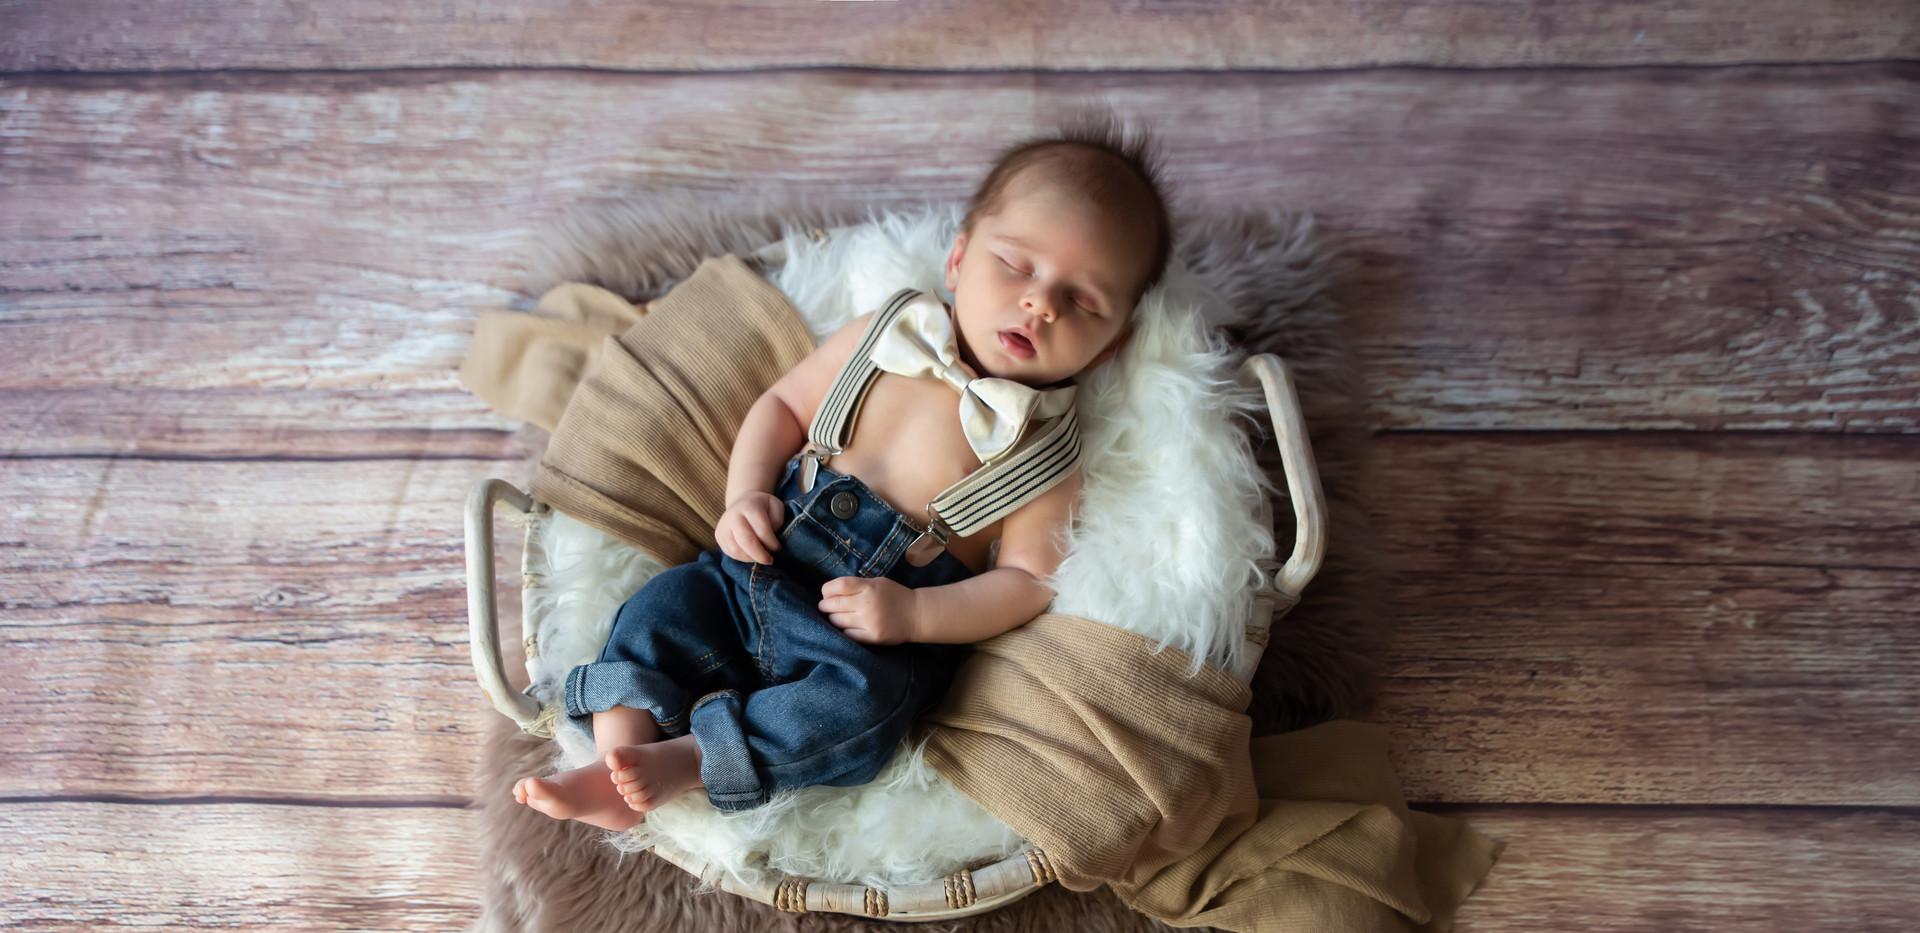 Photographe nouveau né aix en provence